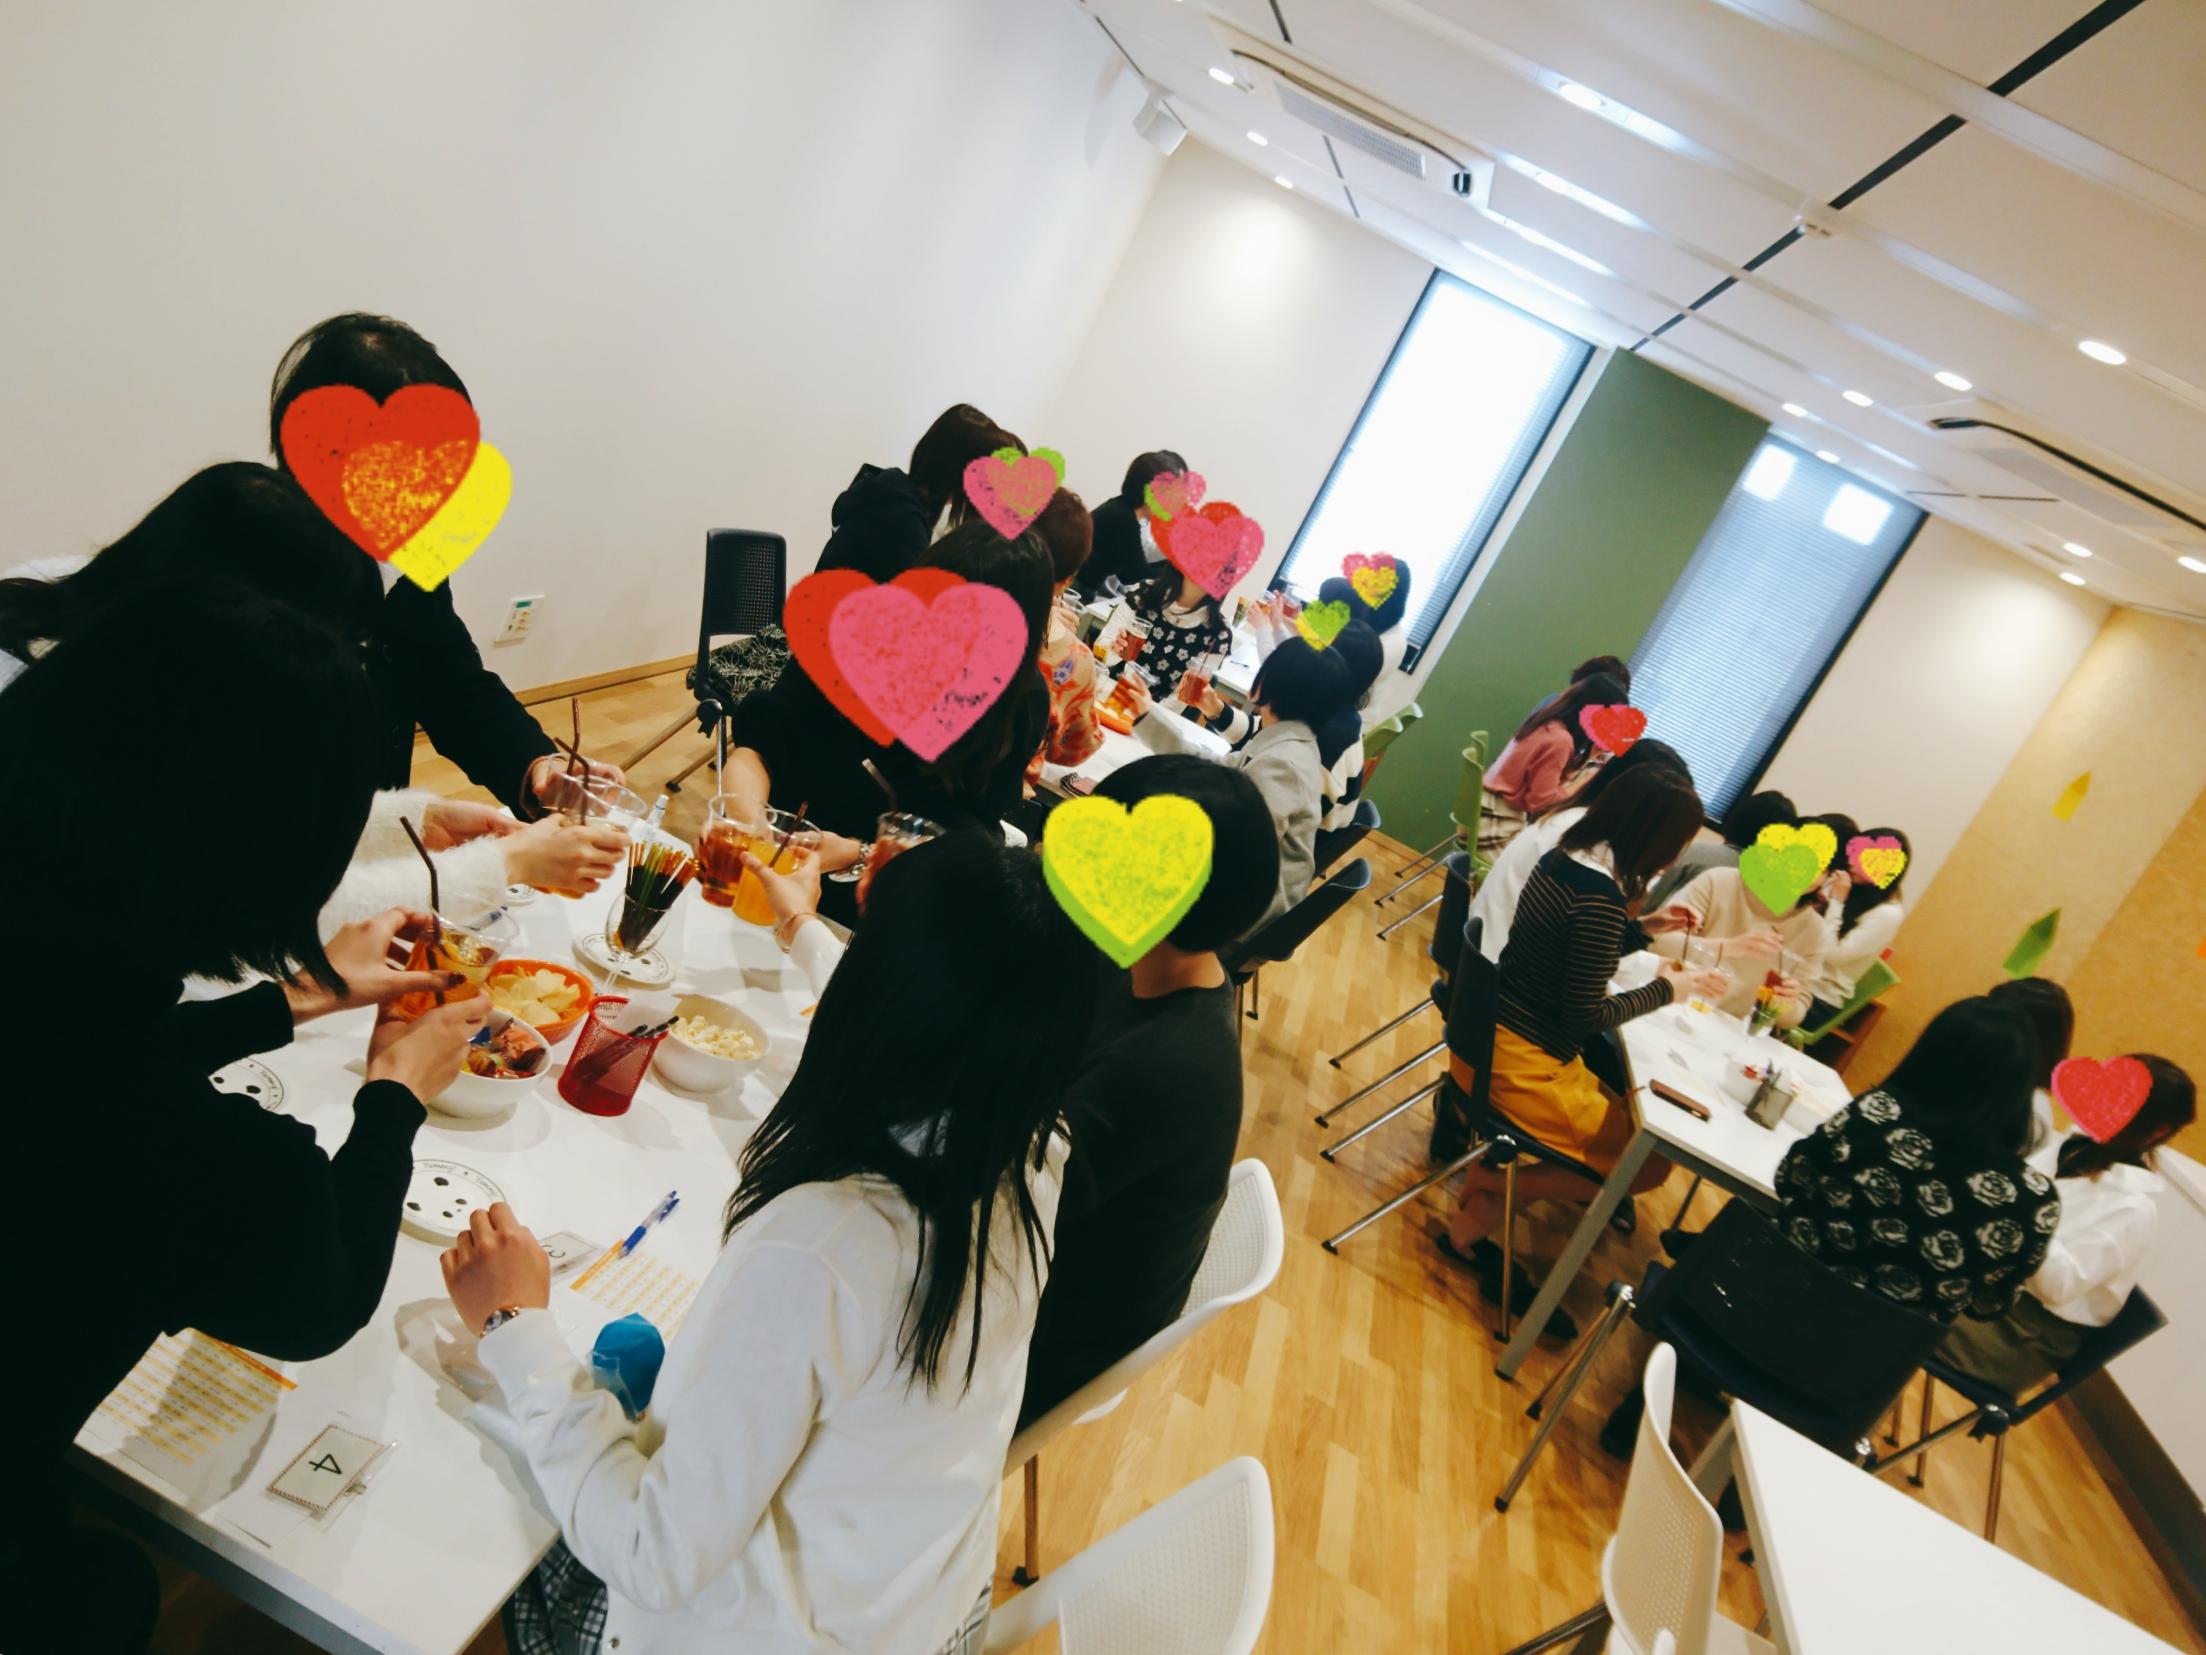 【オフ会報告】無印カレーオフ会の実態